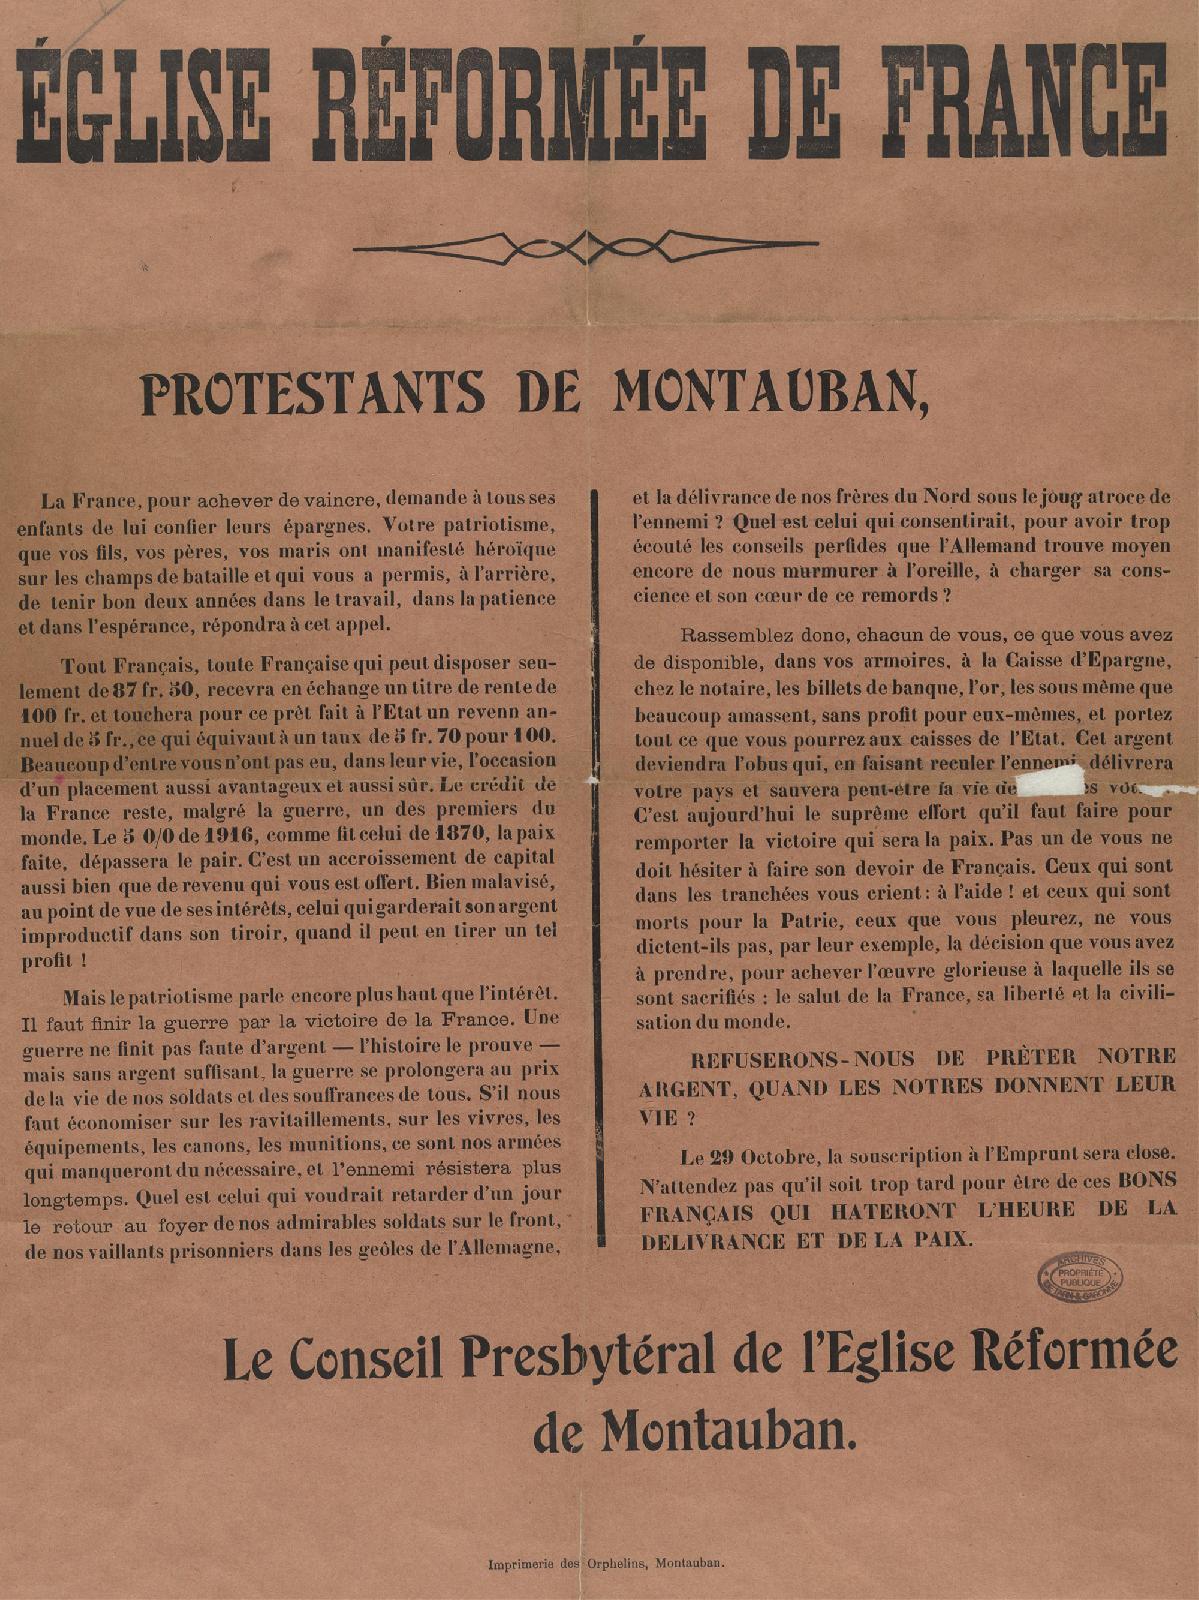 Appel au patriotisme des protestants montalbanais